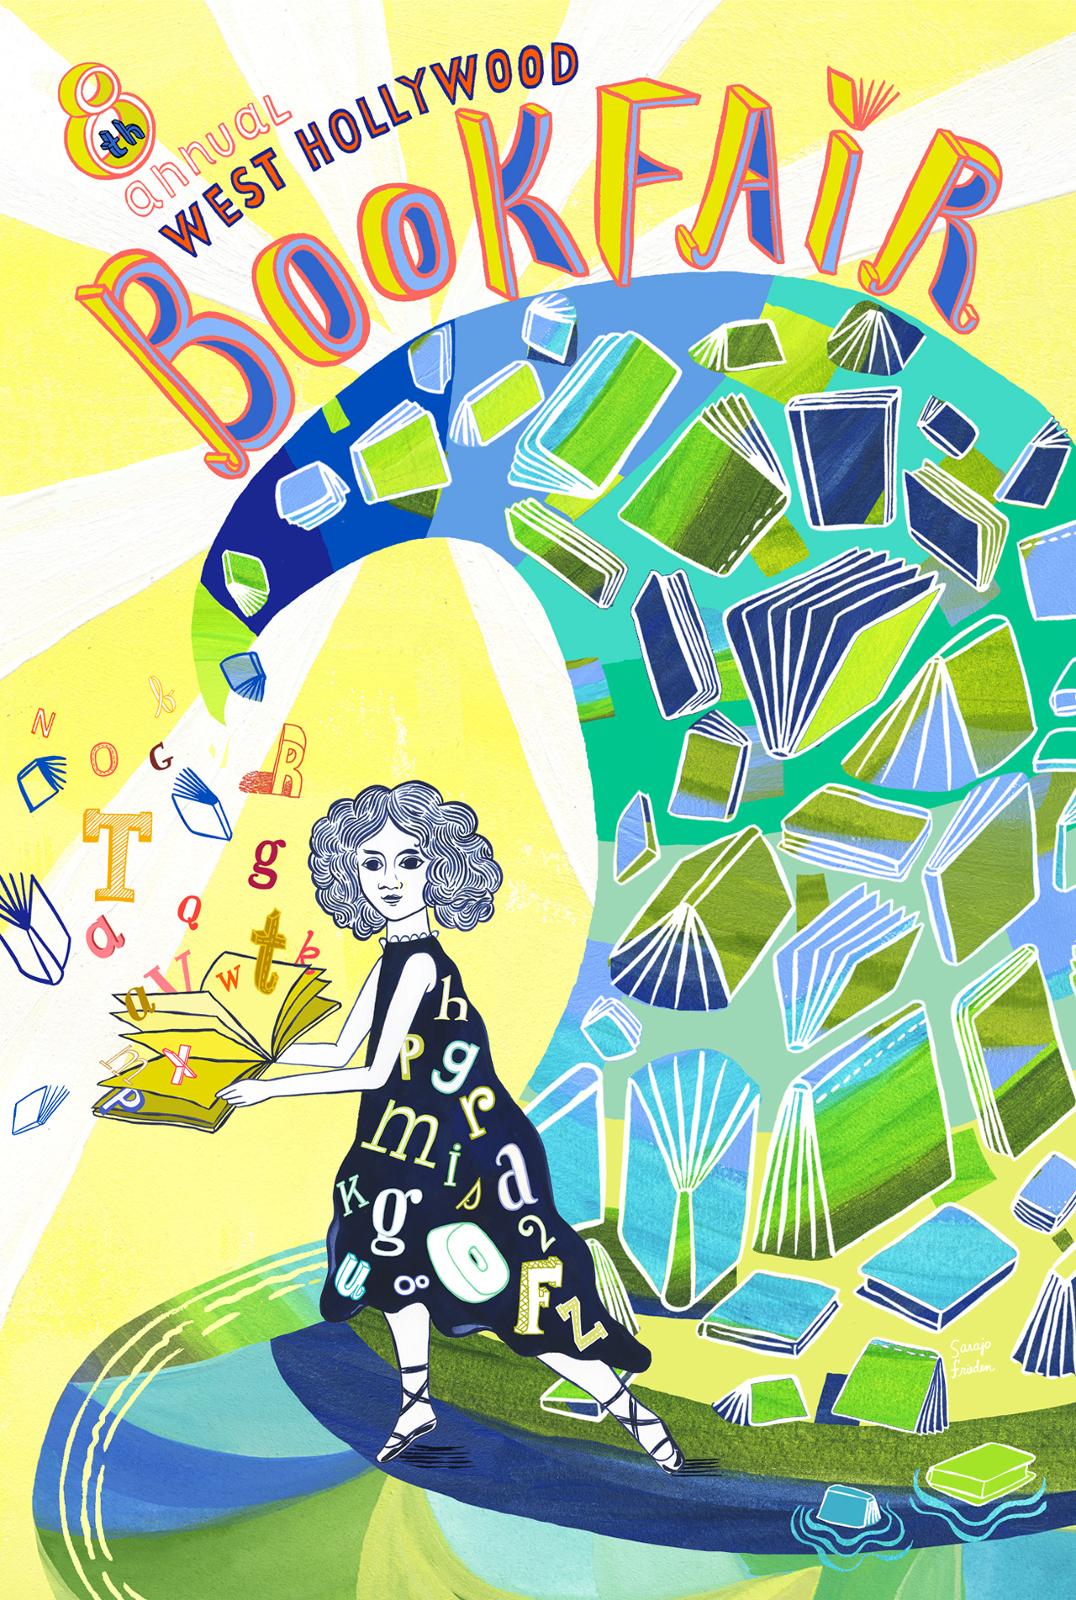 8th annual book fair